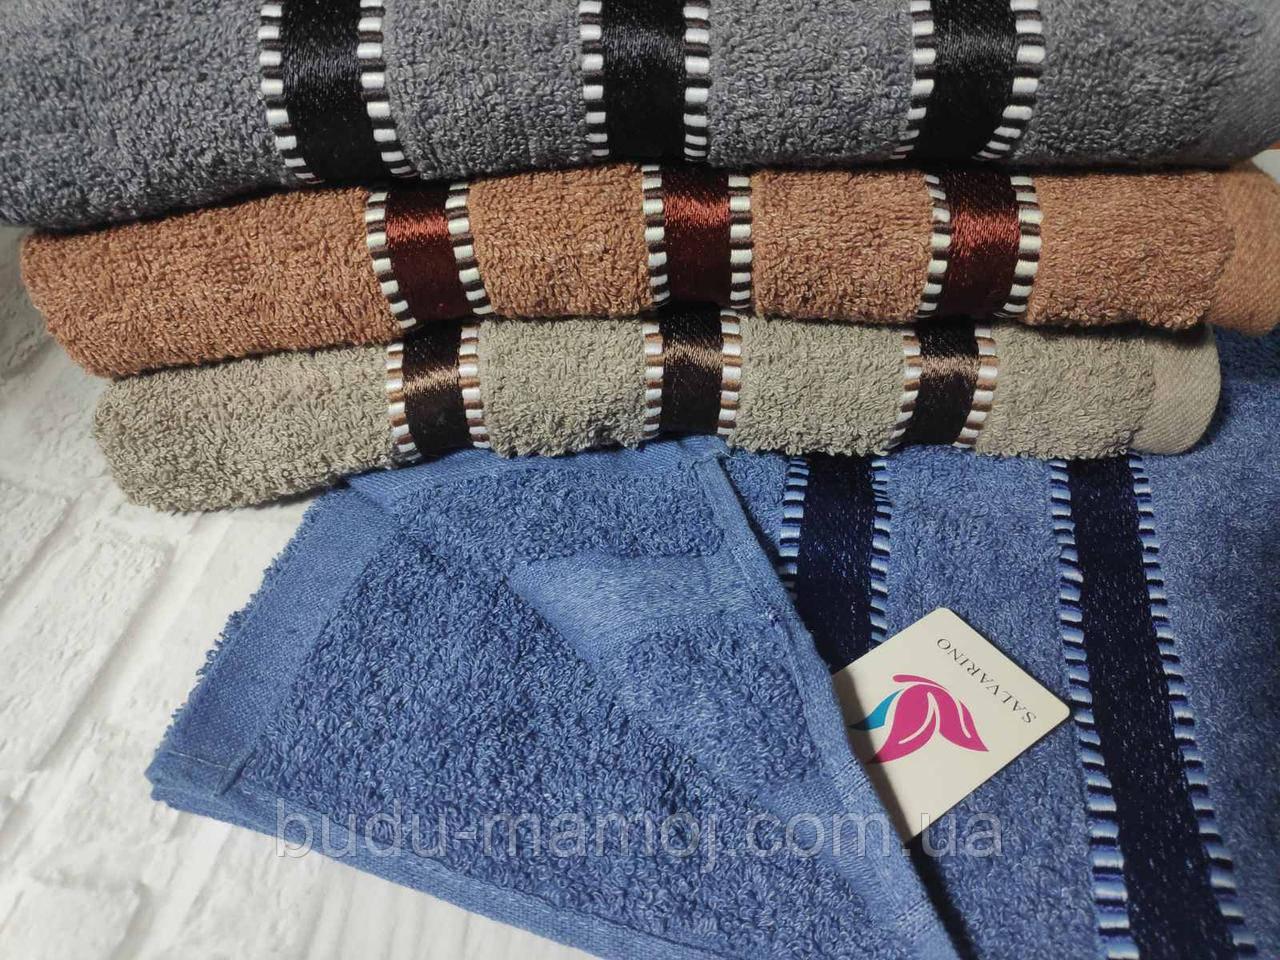 Банное полотенце 140*70 премиум качества